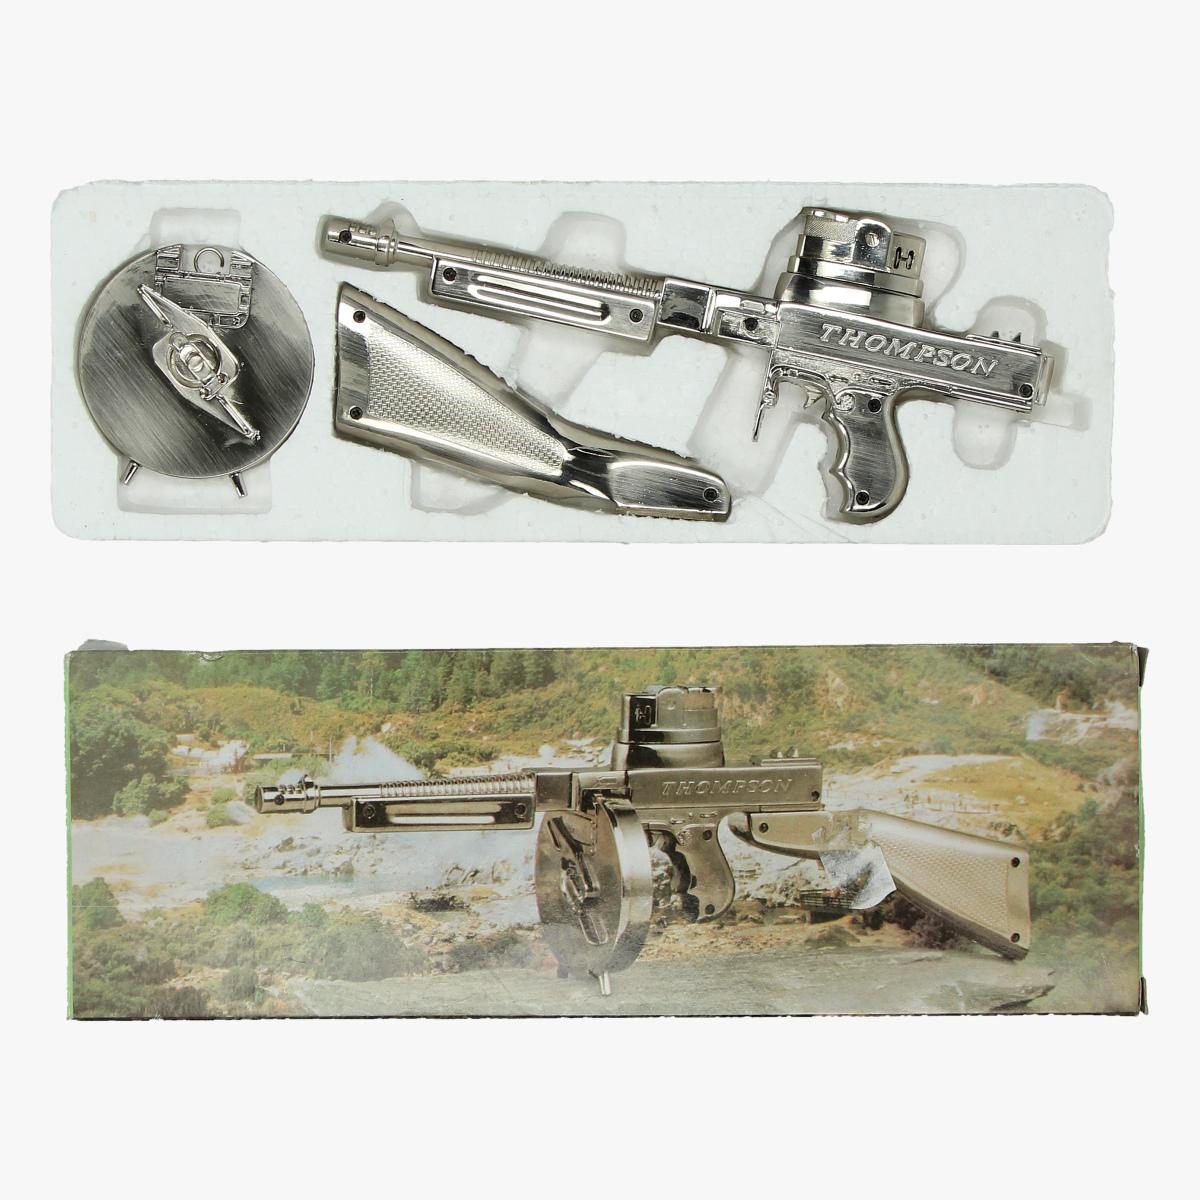 Afbeeldingen van oude aansteker thompson